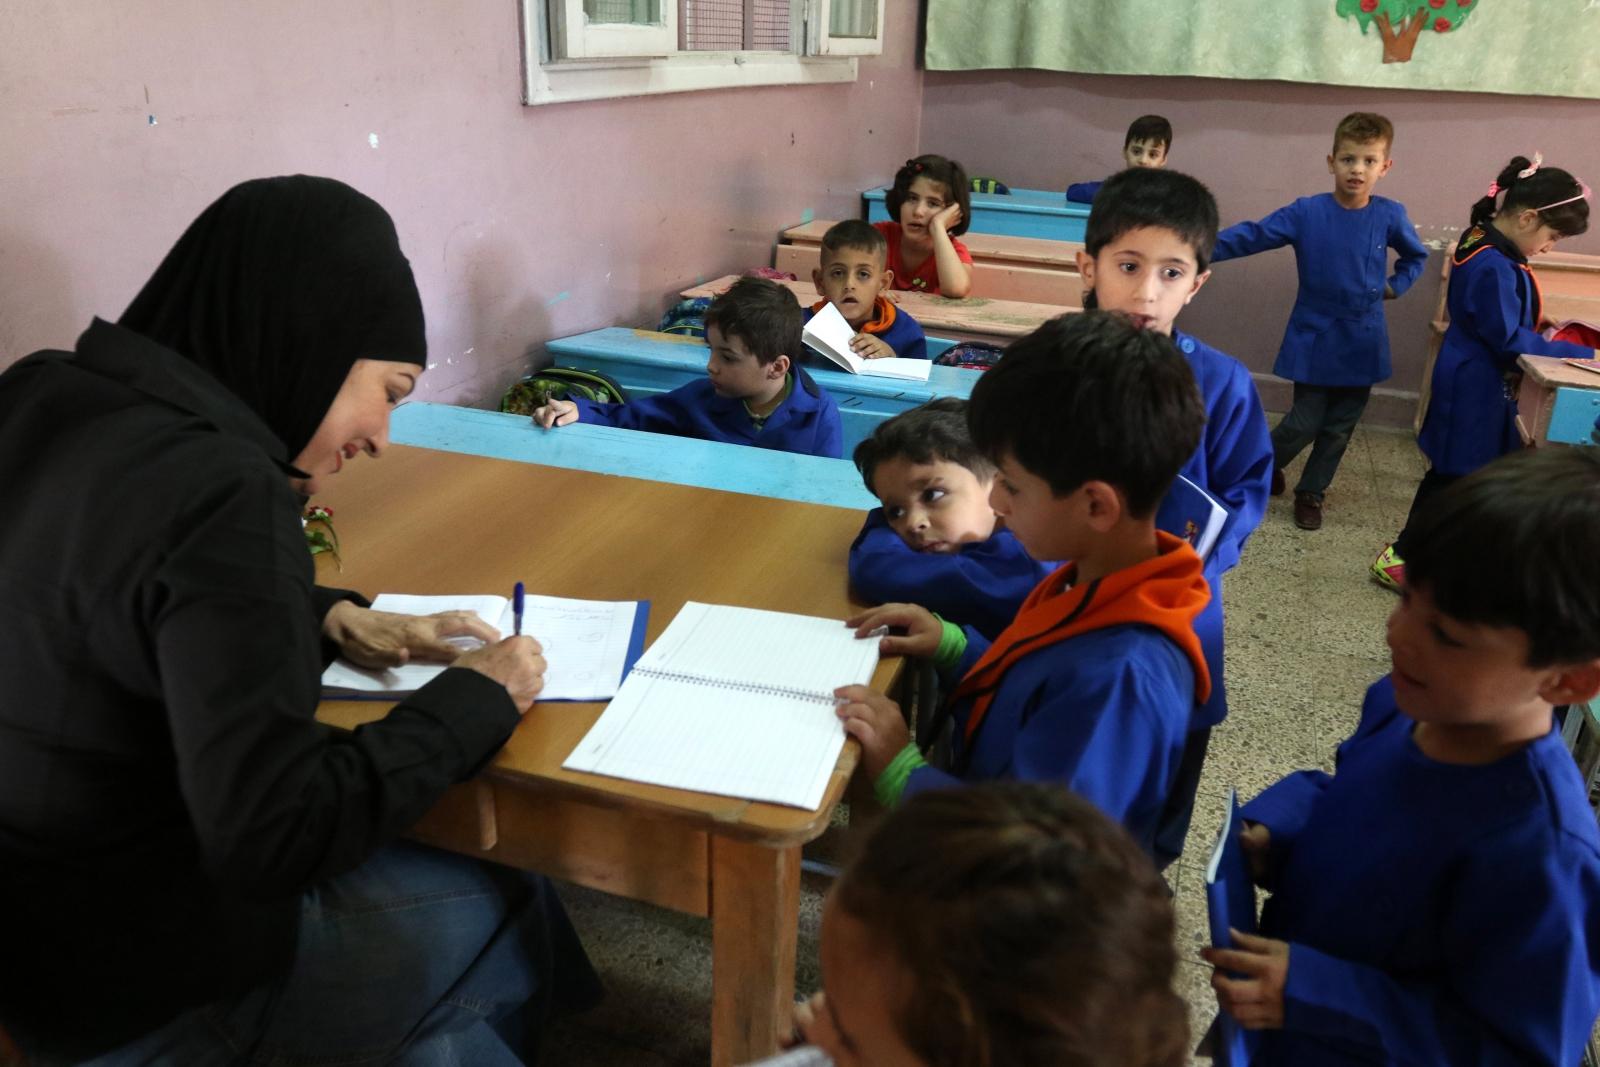 Syria - uczniowie rozpoczęli naukę EPA/YOUSSEF BADAWI